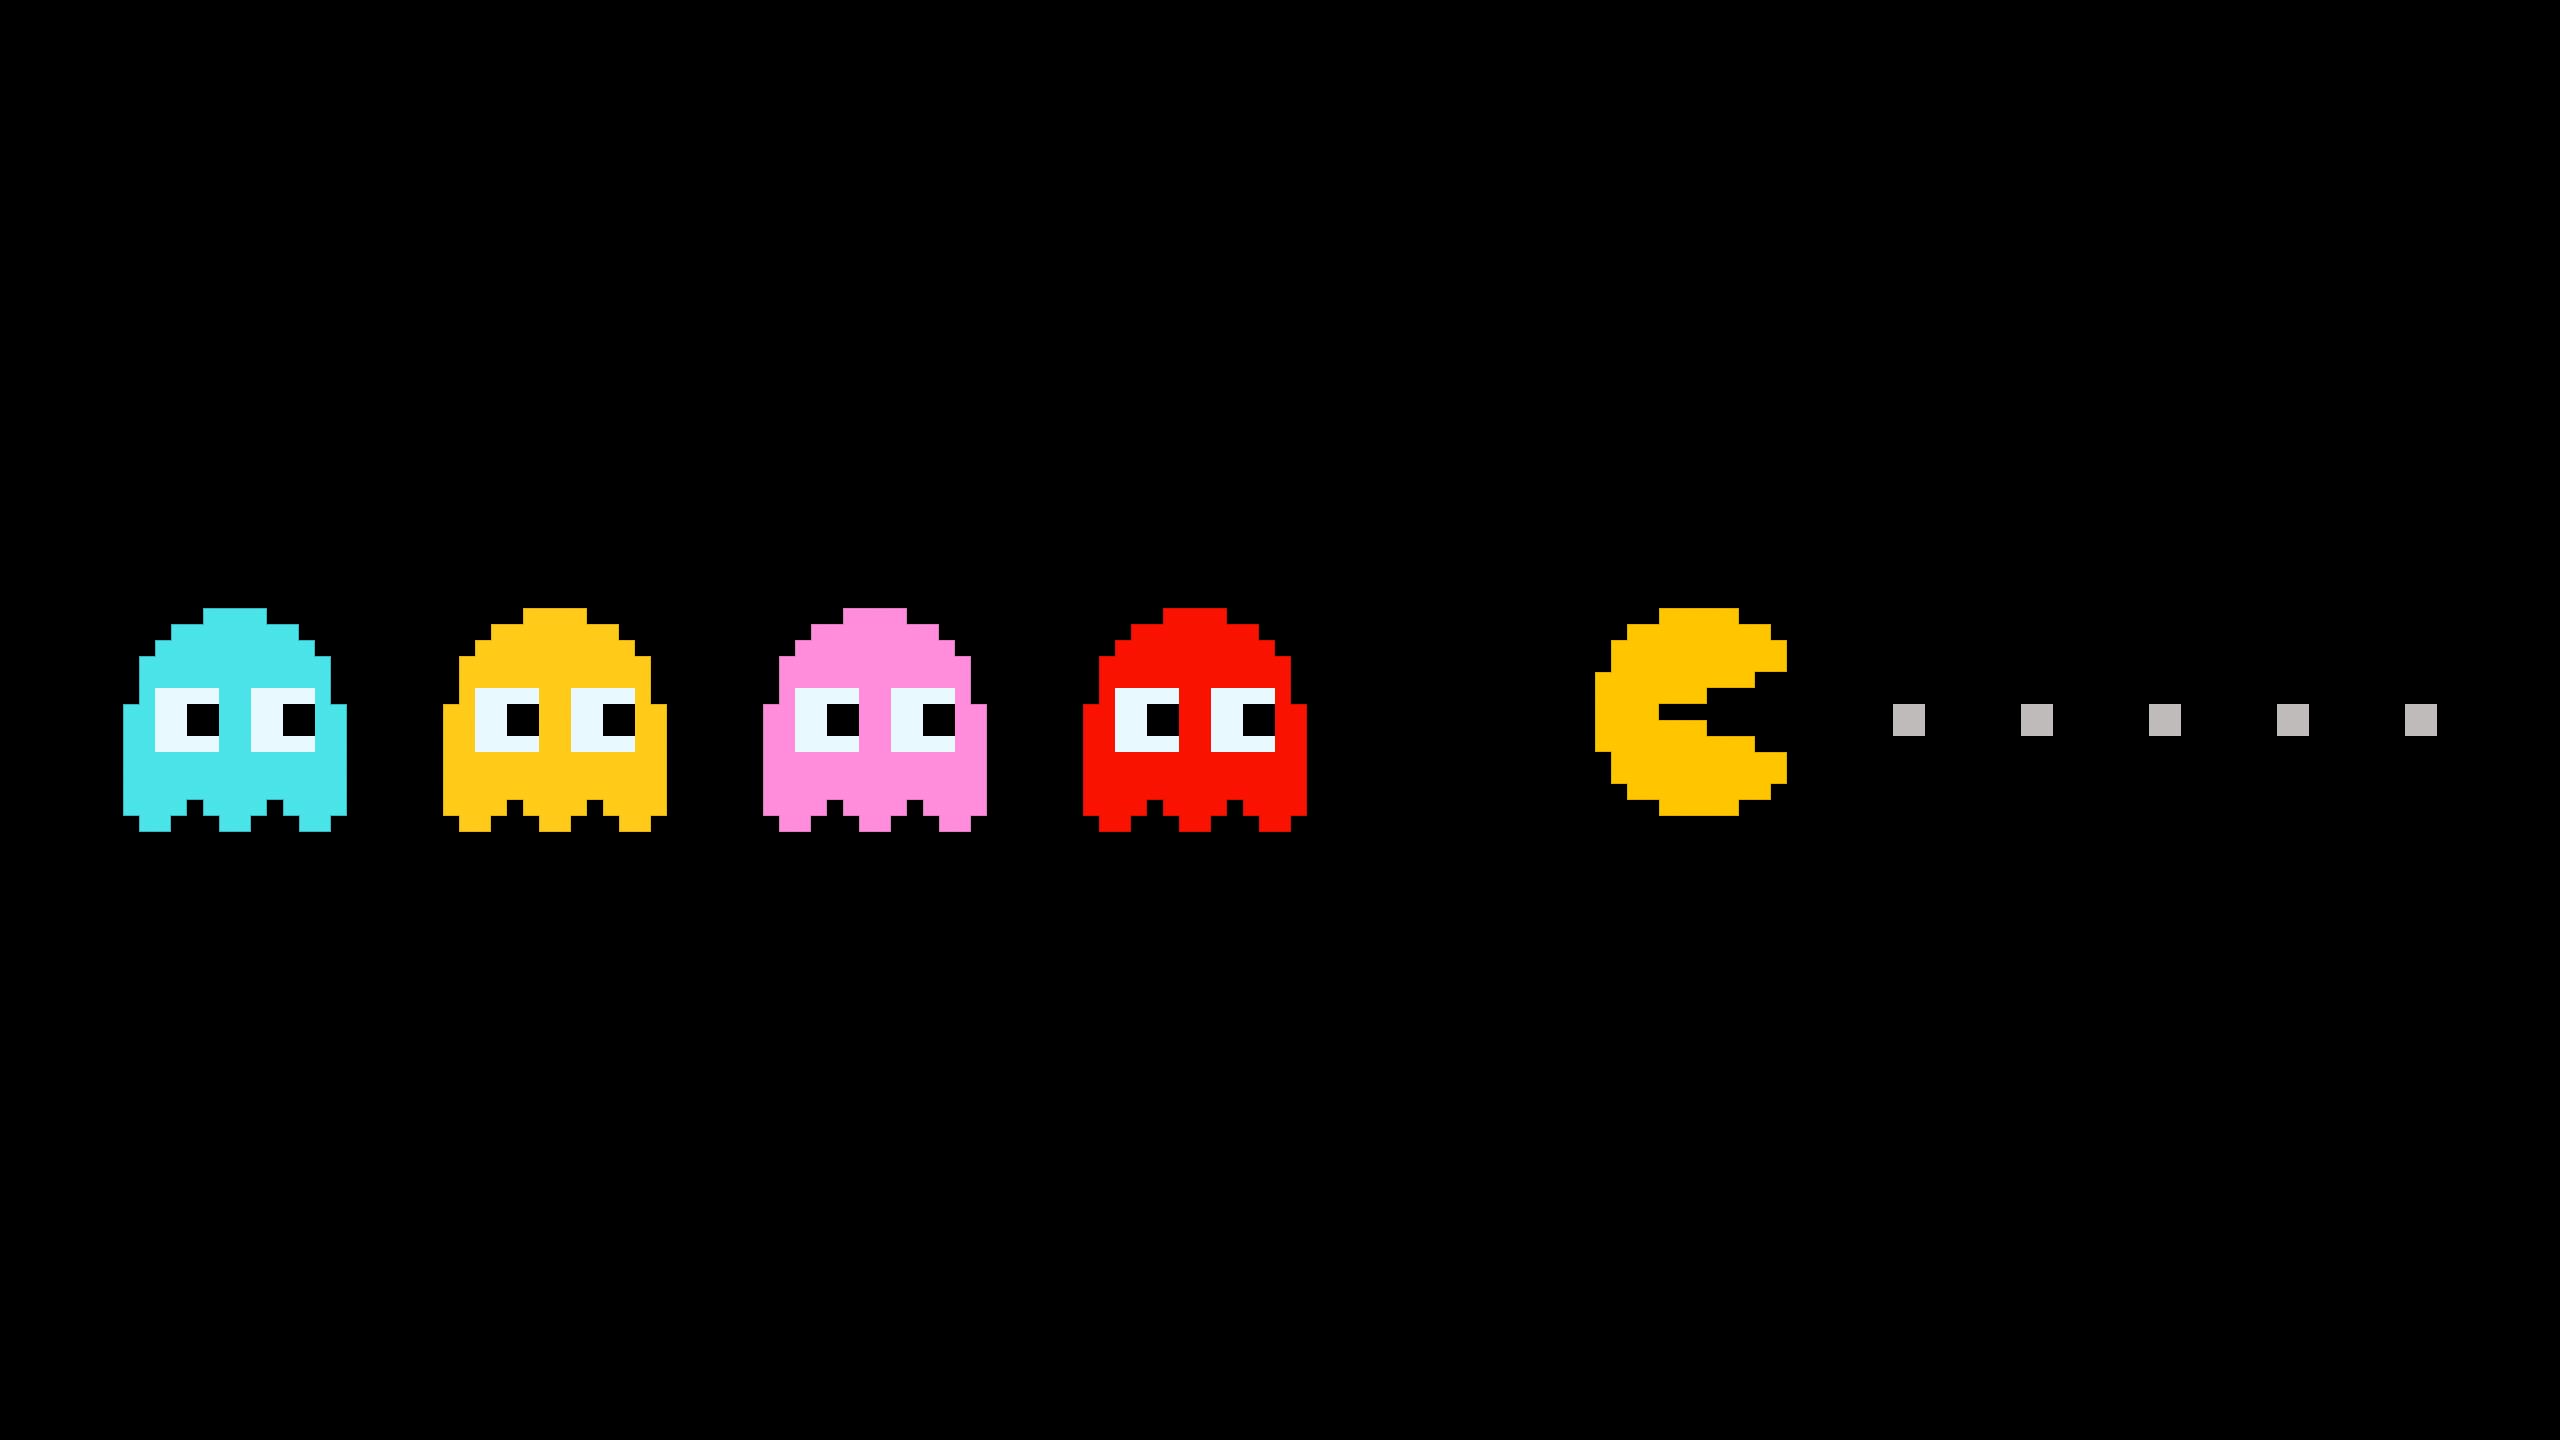 ИИ от Microsoft побил рекорд, поставленный человеком в Ms. Pac-Man